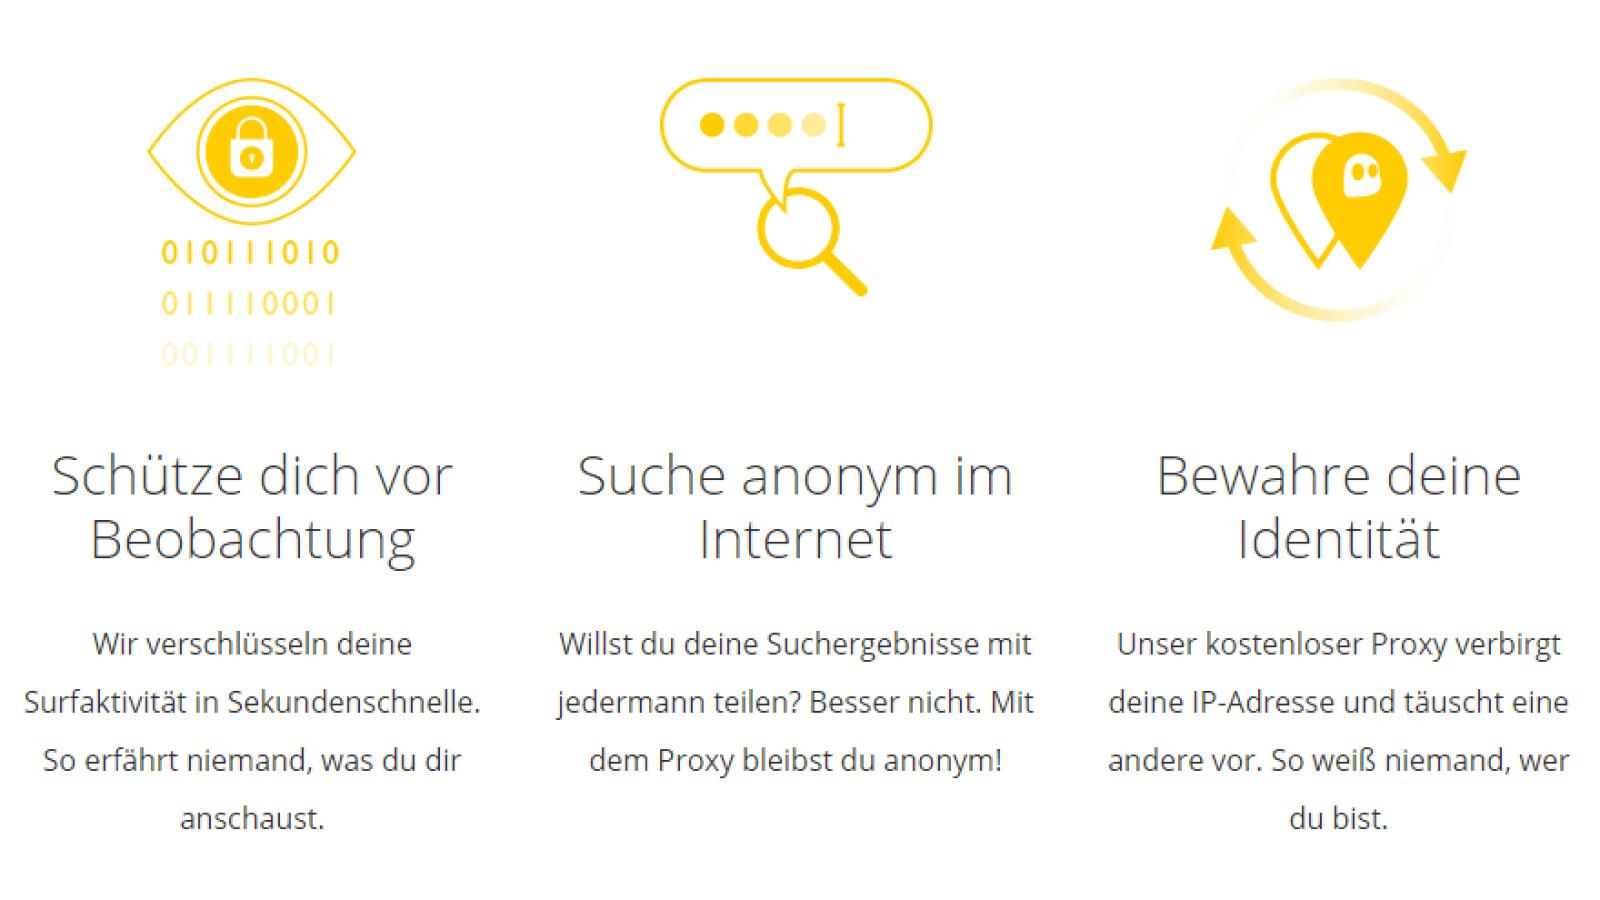 cyberghost secure vpn download